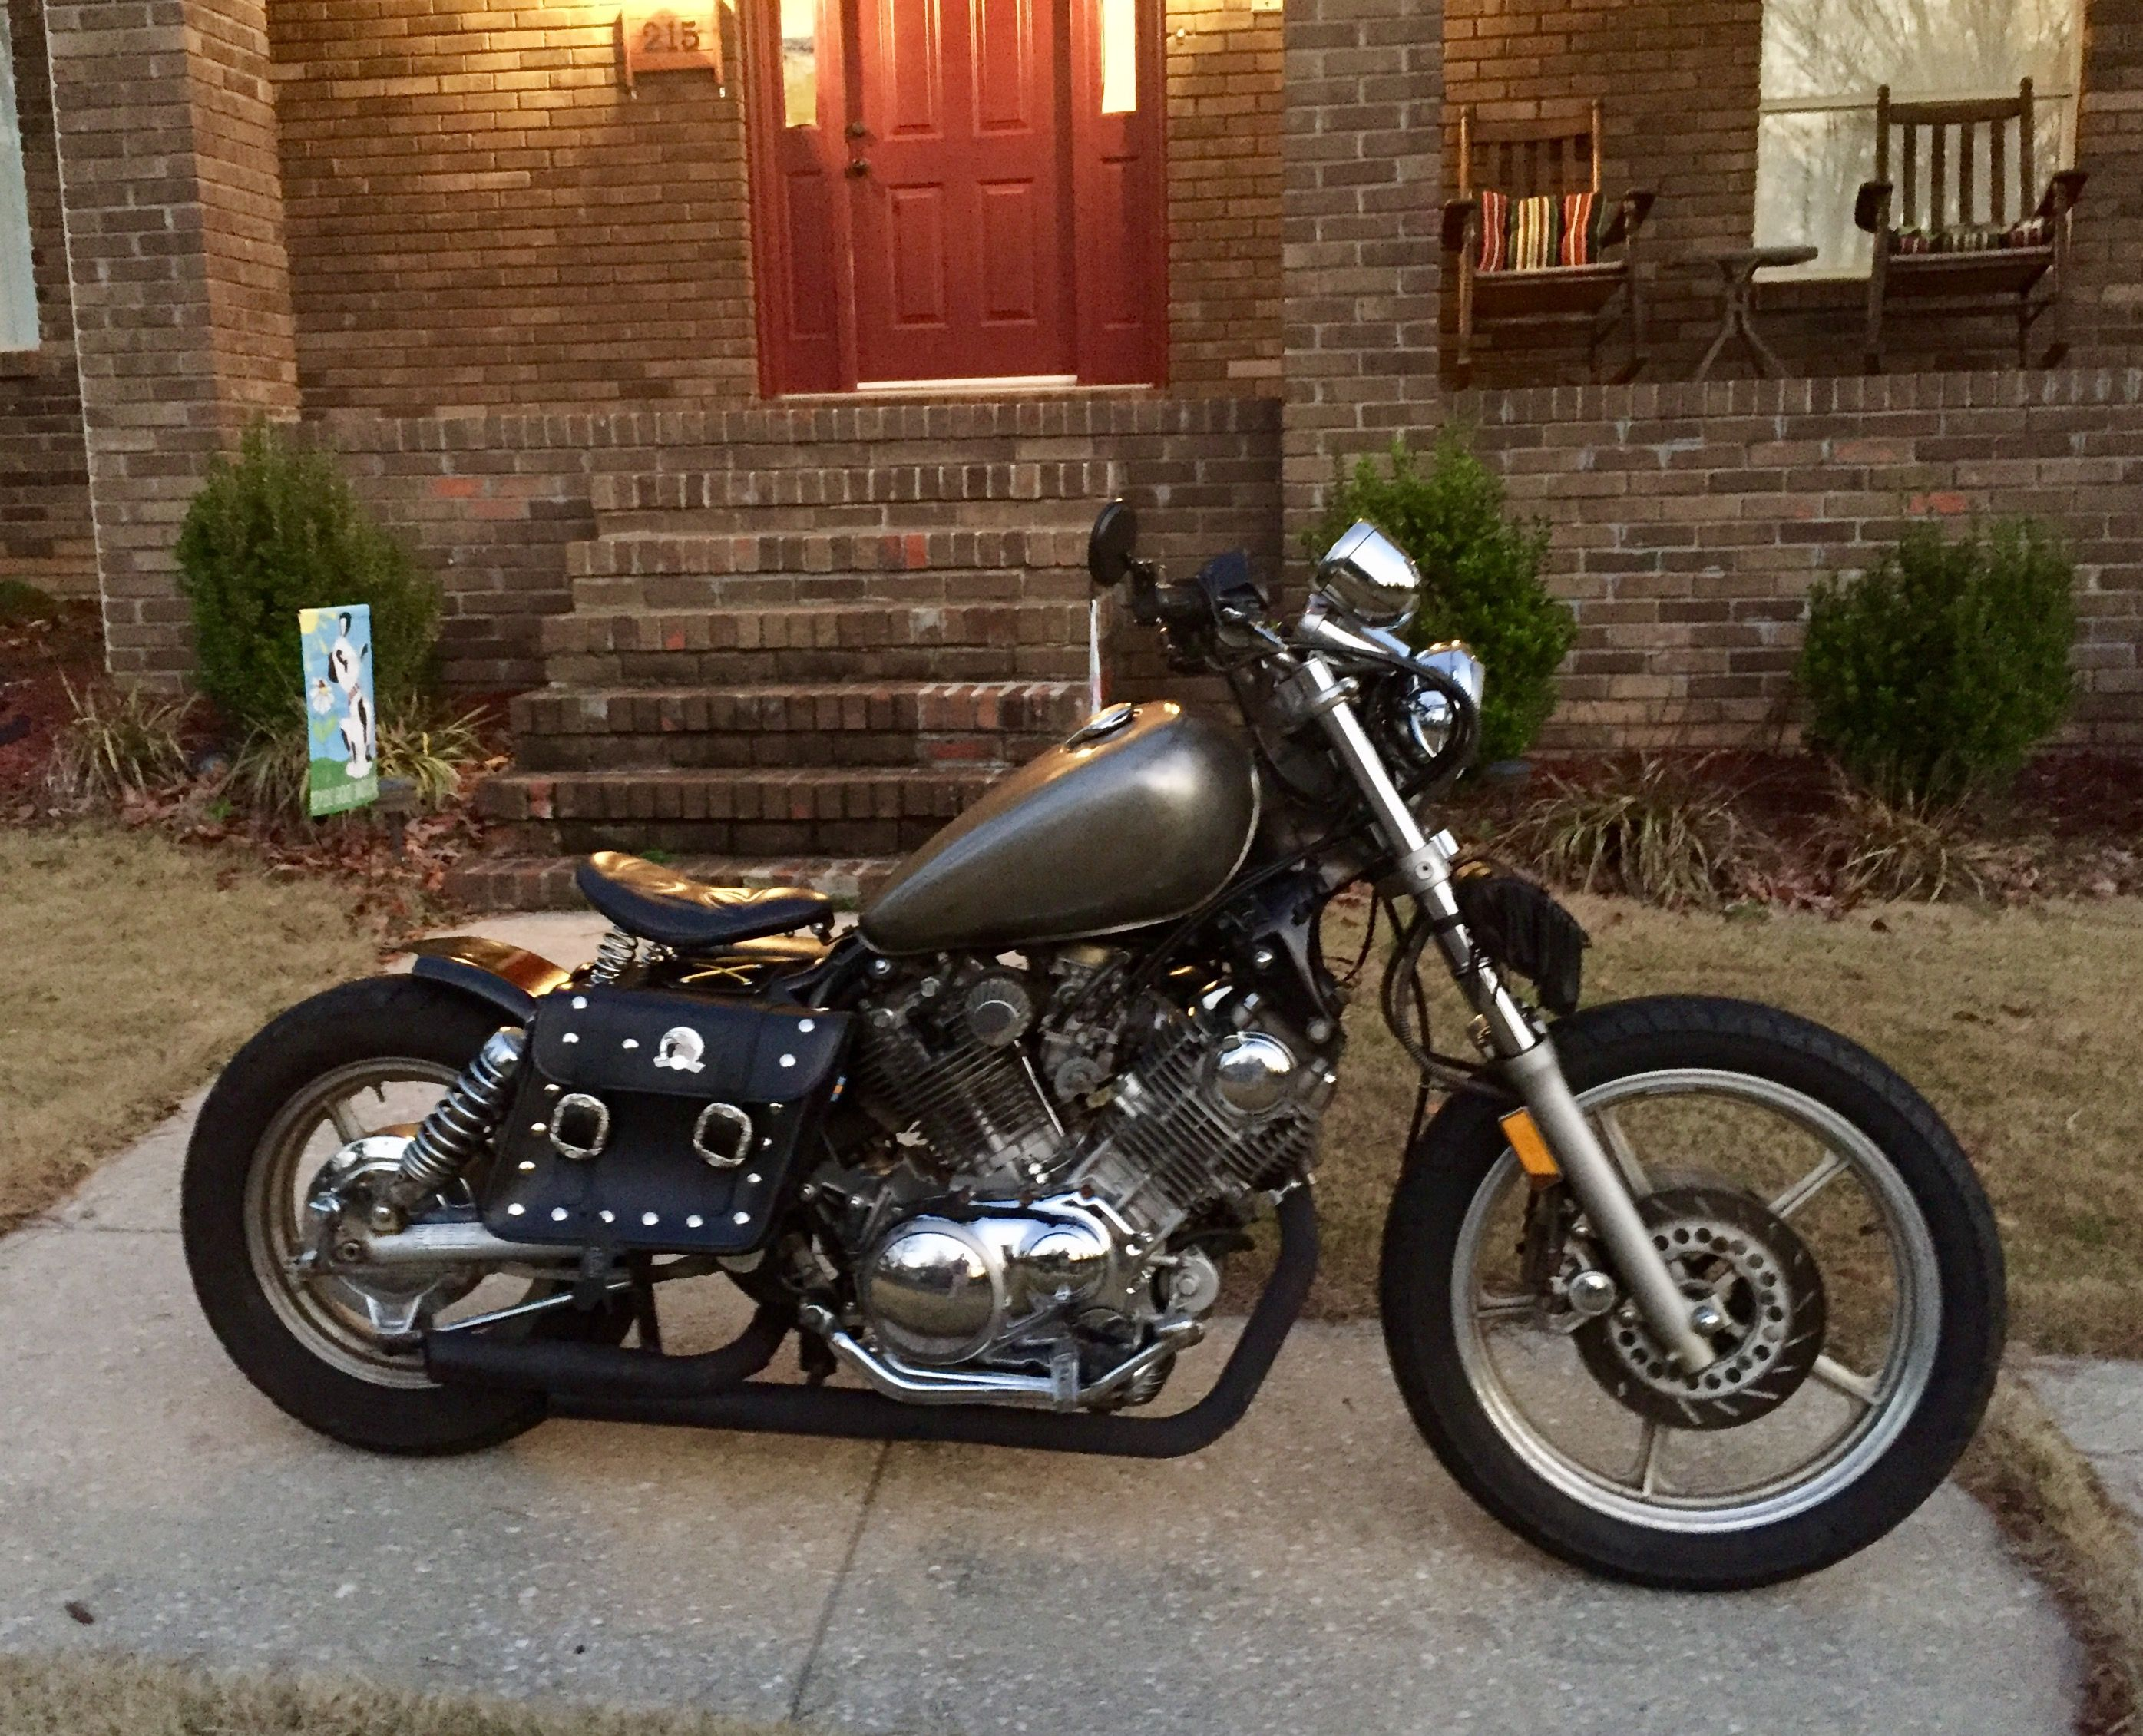 My 93 Yamaha Virago 750 Bobber